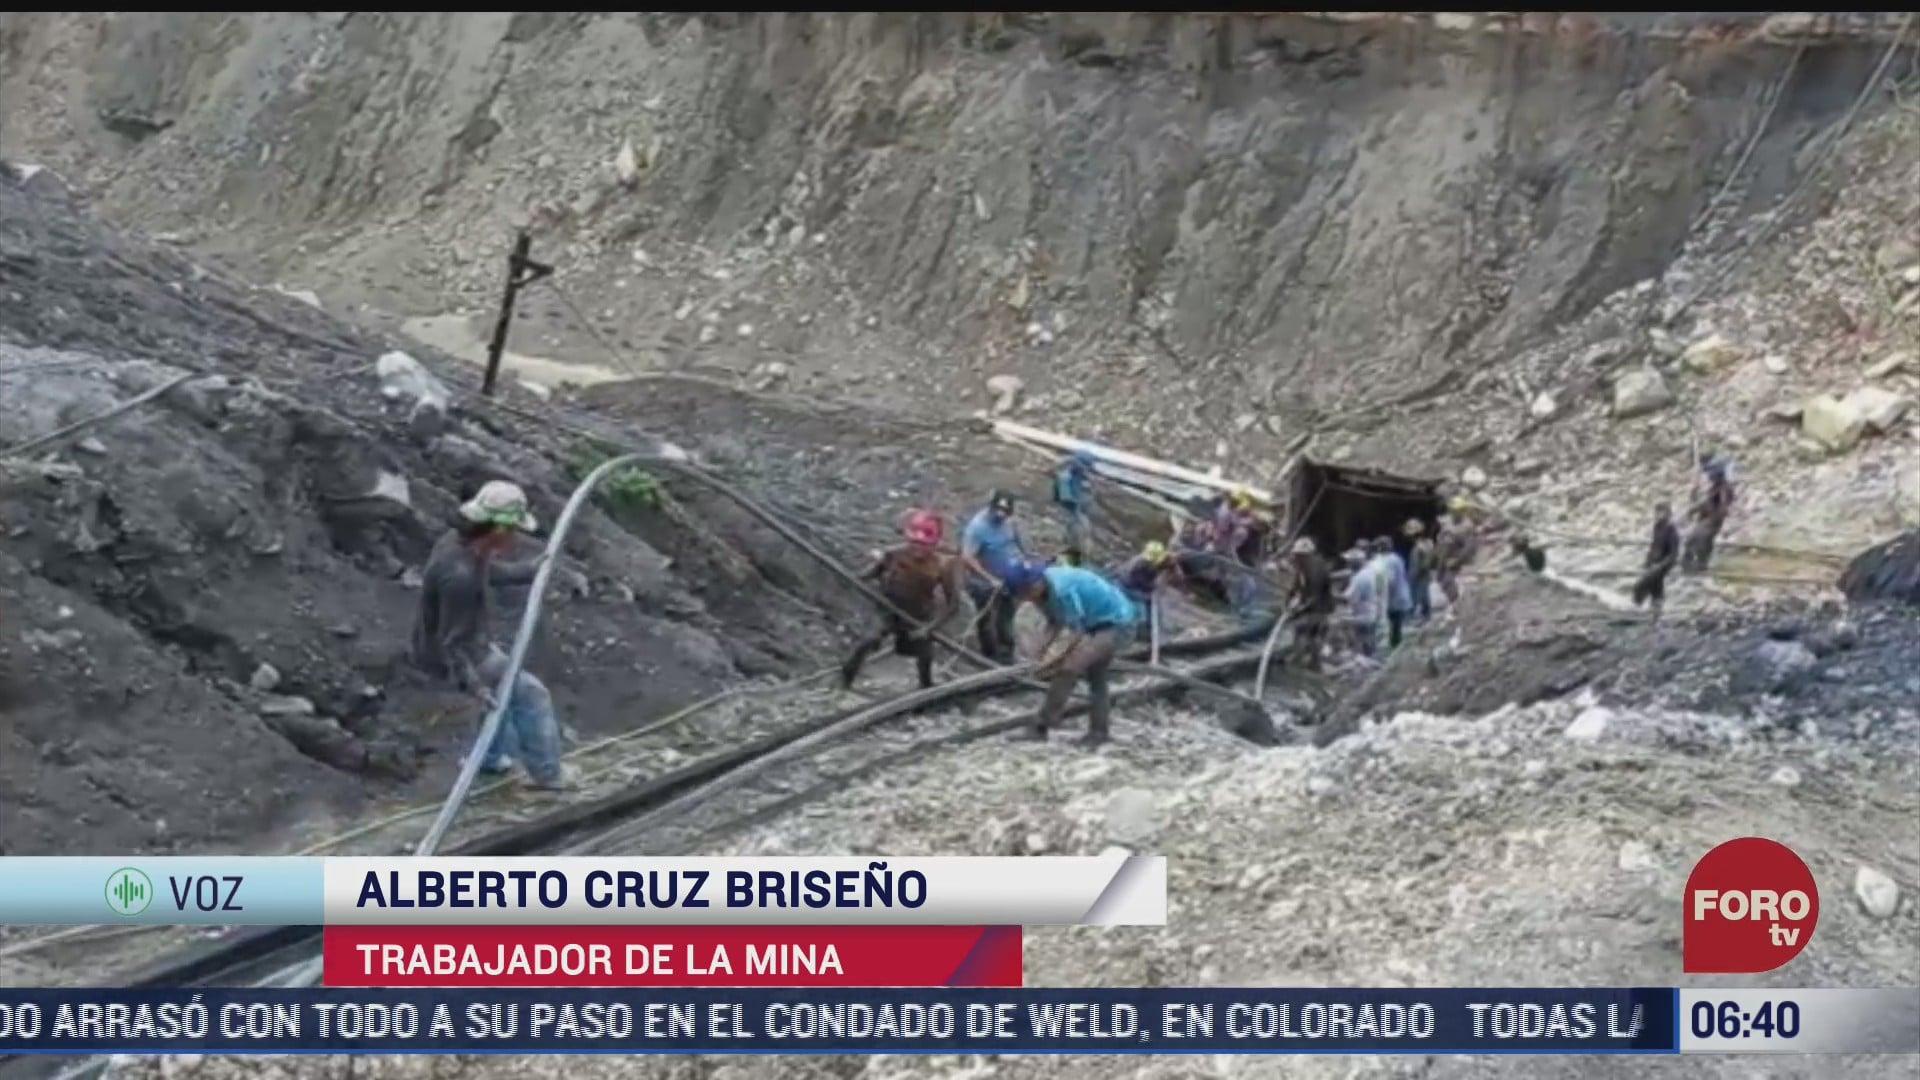 intensifican labores de busqueda y rescate en mina de coahuila